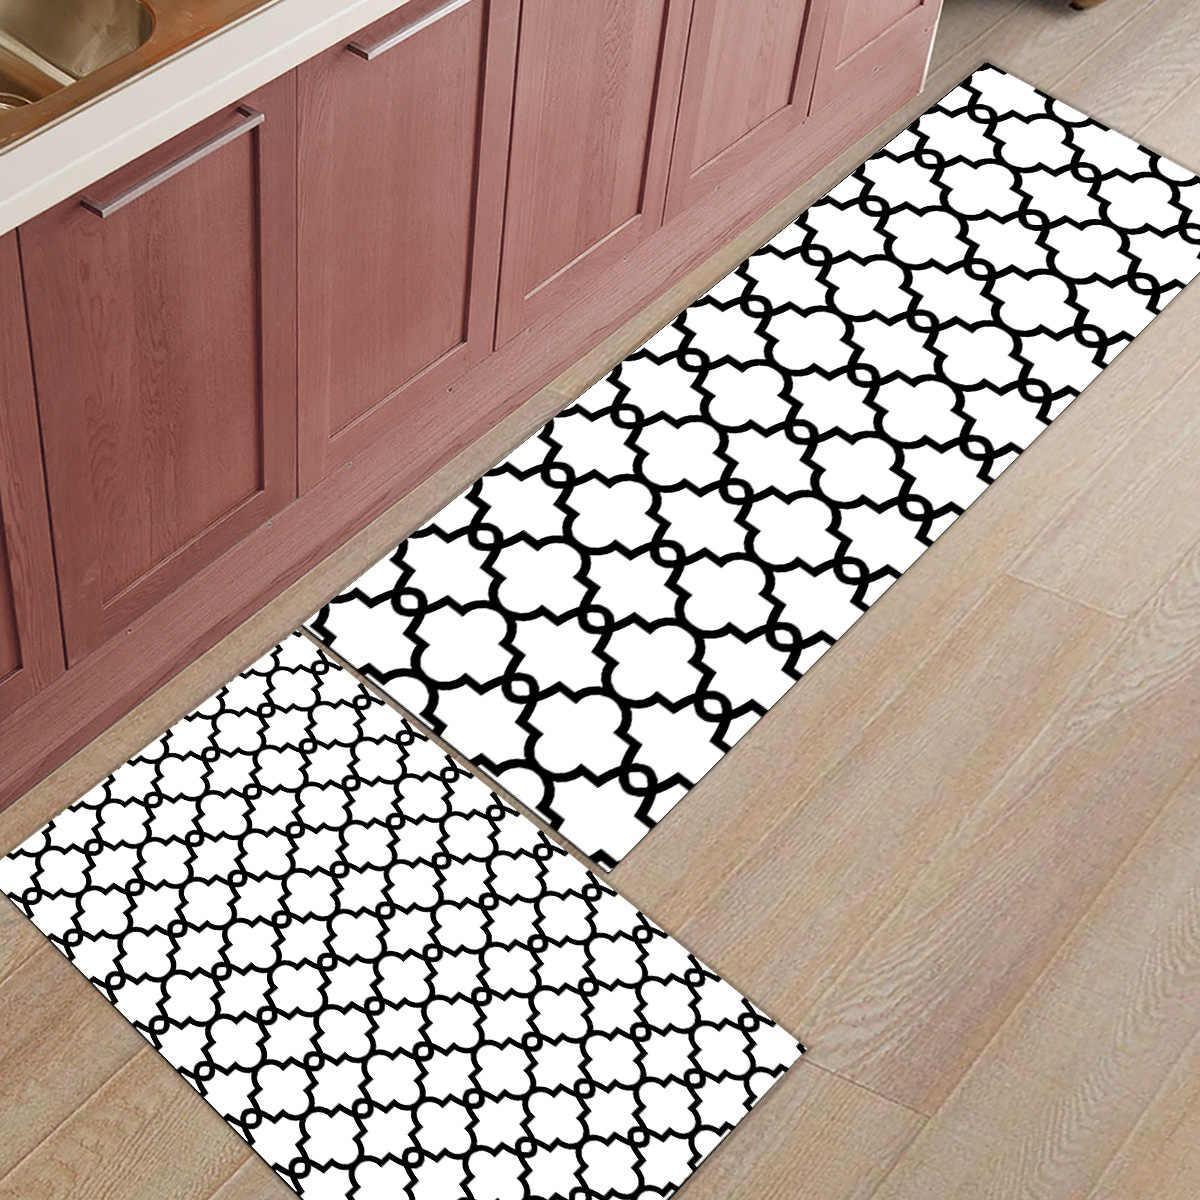 2 ピースキッチンマットやラグセットモダンクラシックモロッコ幾何チェック白ホーム Deocr 非スキッドエリアランナー玄関マットカーペット